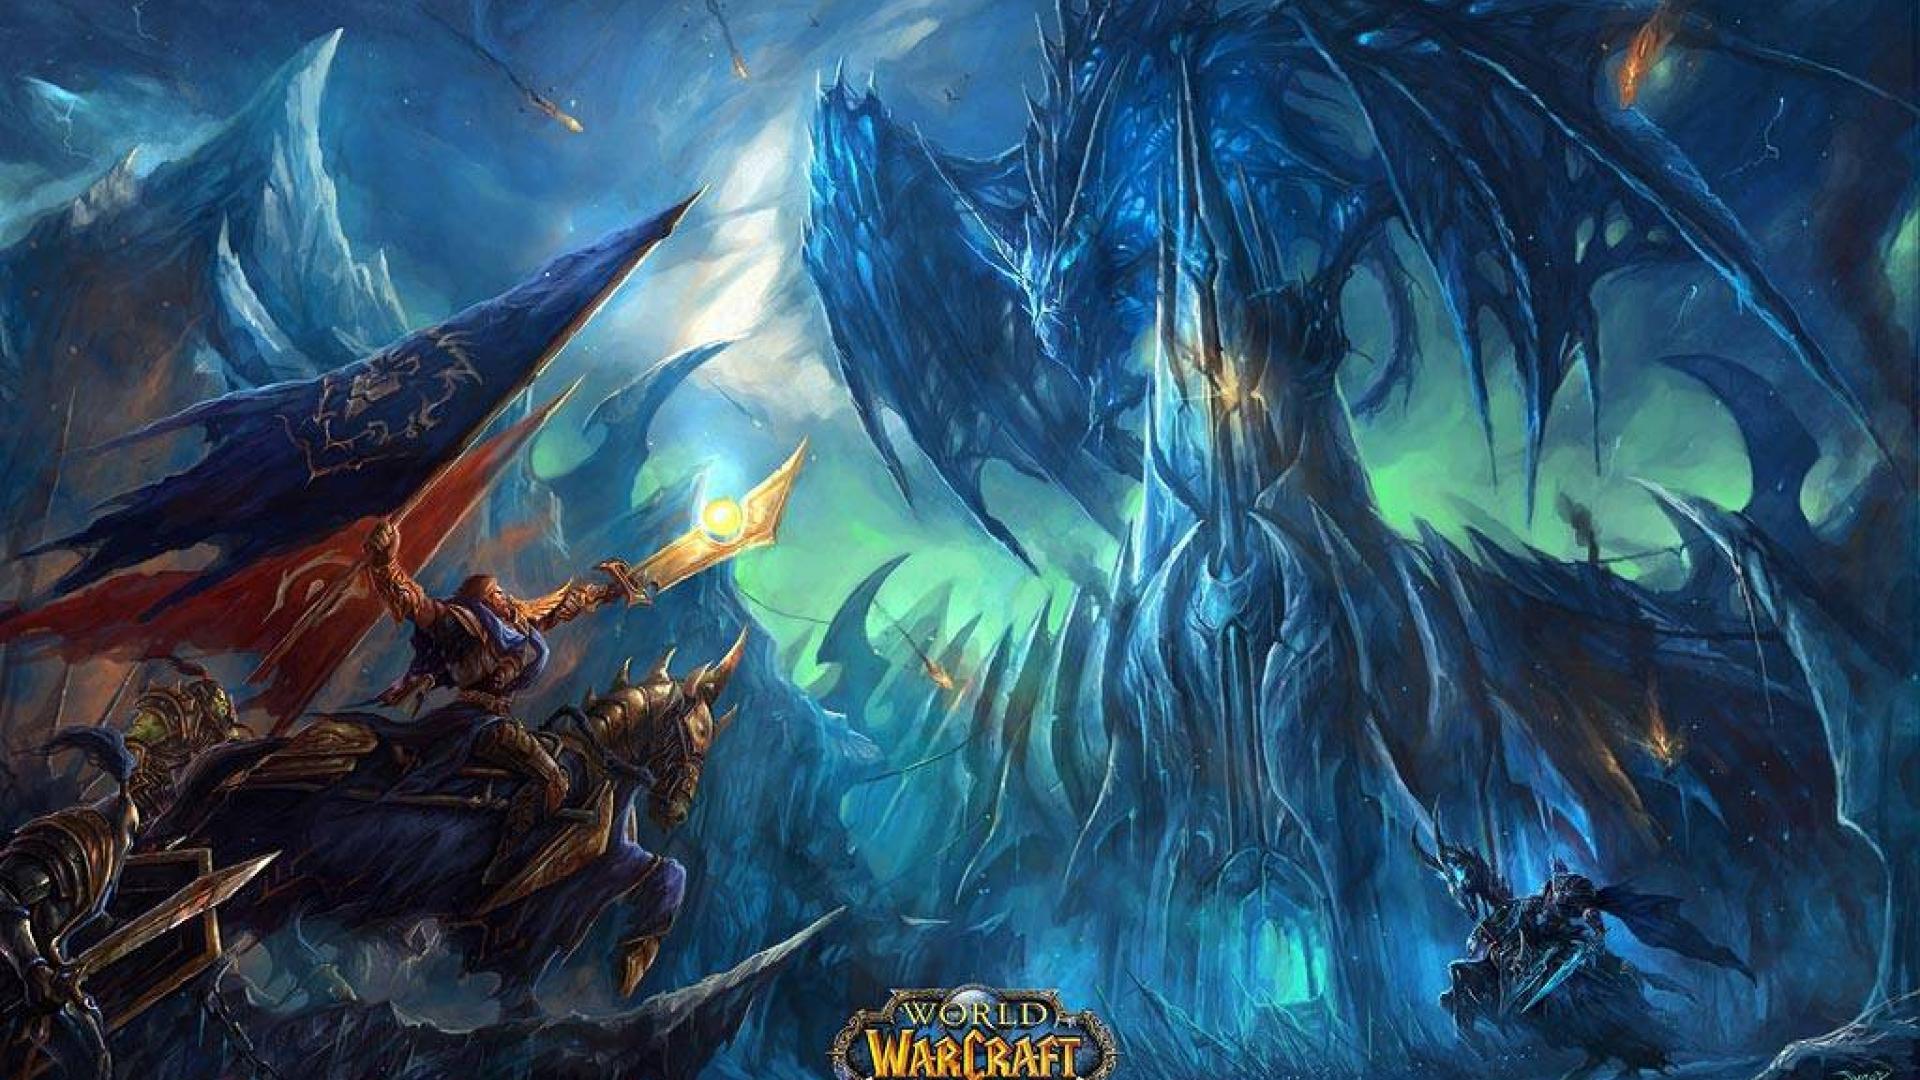 Best Game World Of Warcraft Wallpaper HD 2 High Resolution Wallpaper 1920x1080